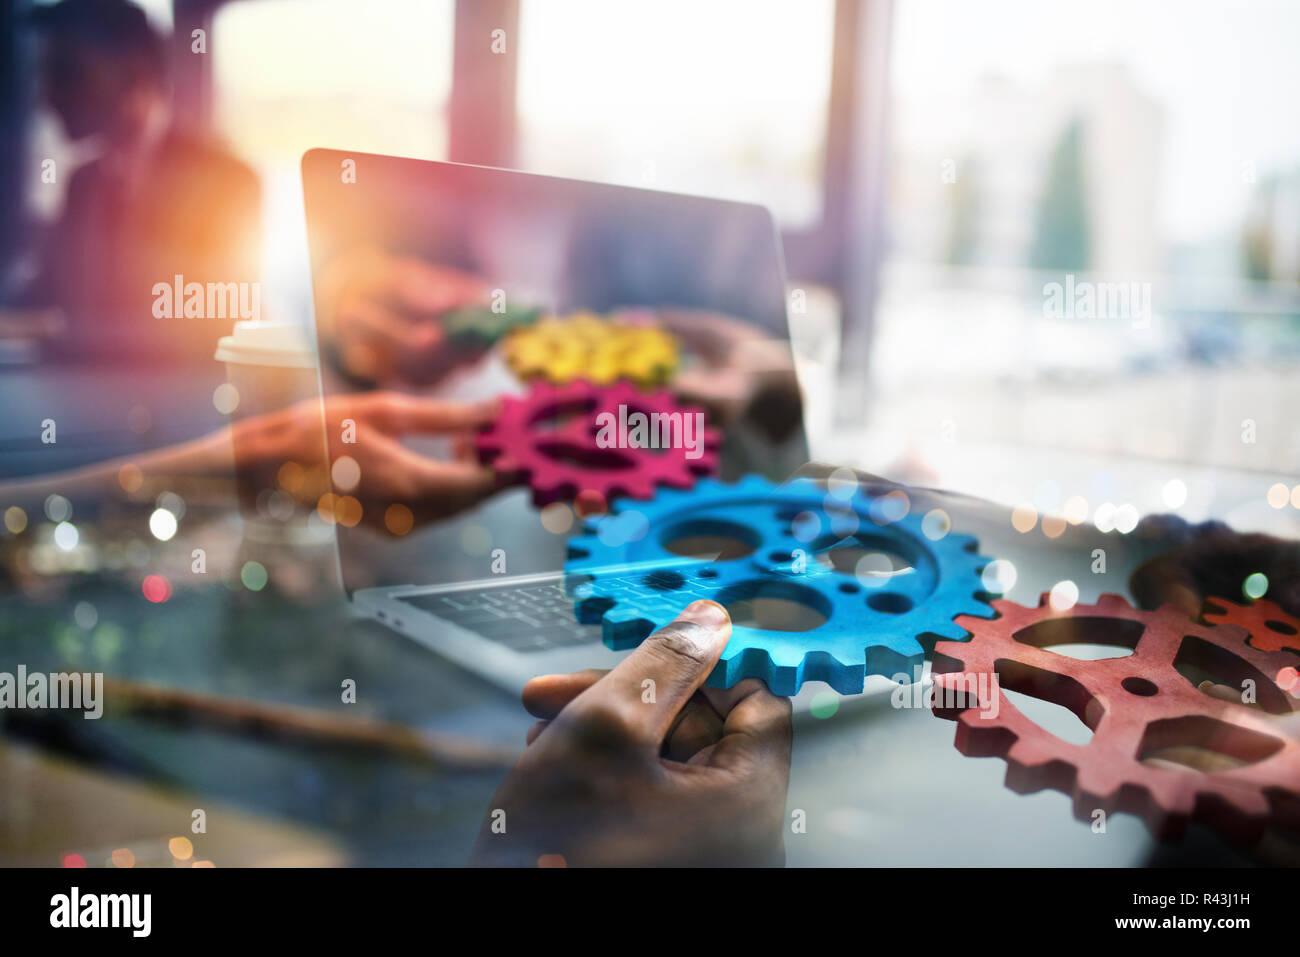 La gente de negocios con engranajes en mano que salir desde un portátil. concepto de cooperación y trabajo en equipo a distancia. Exposición doble Foto de stock